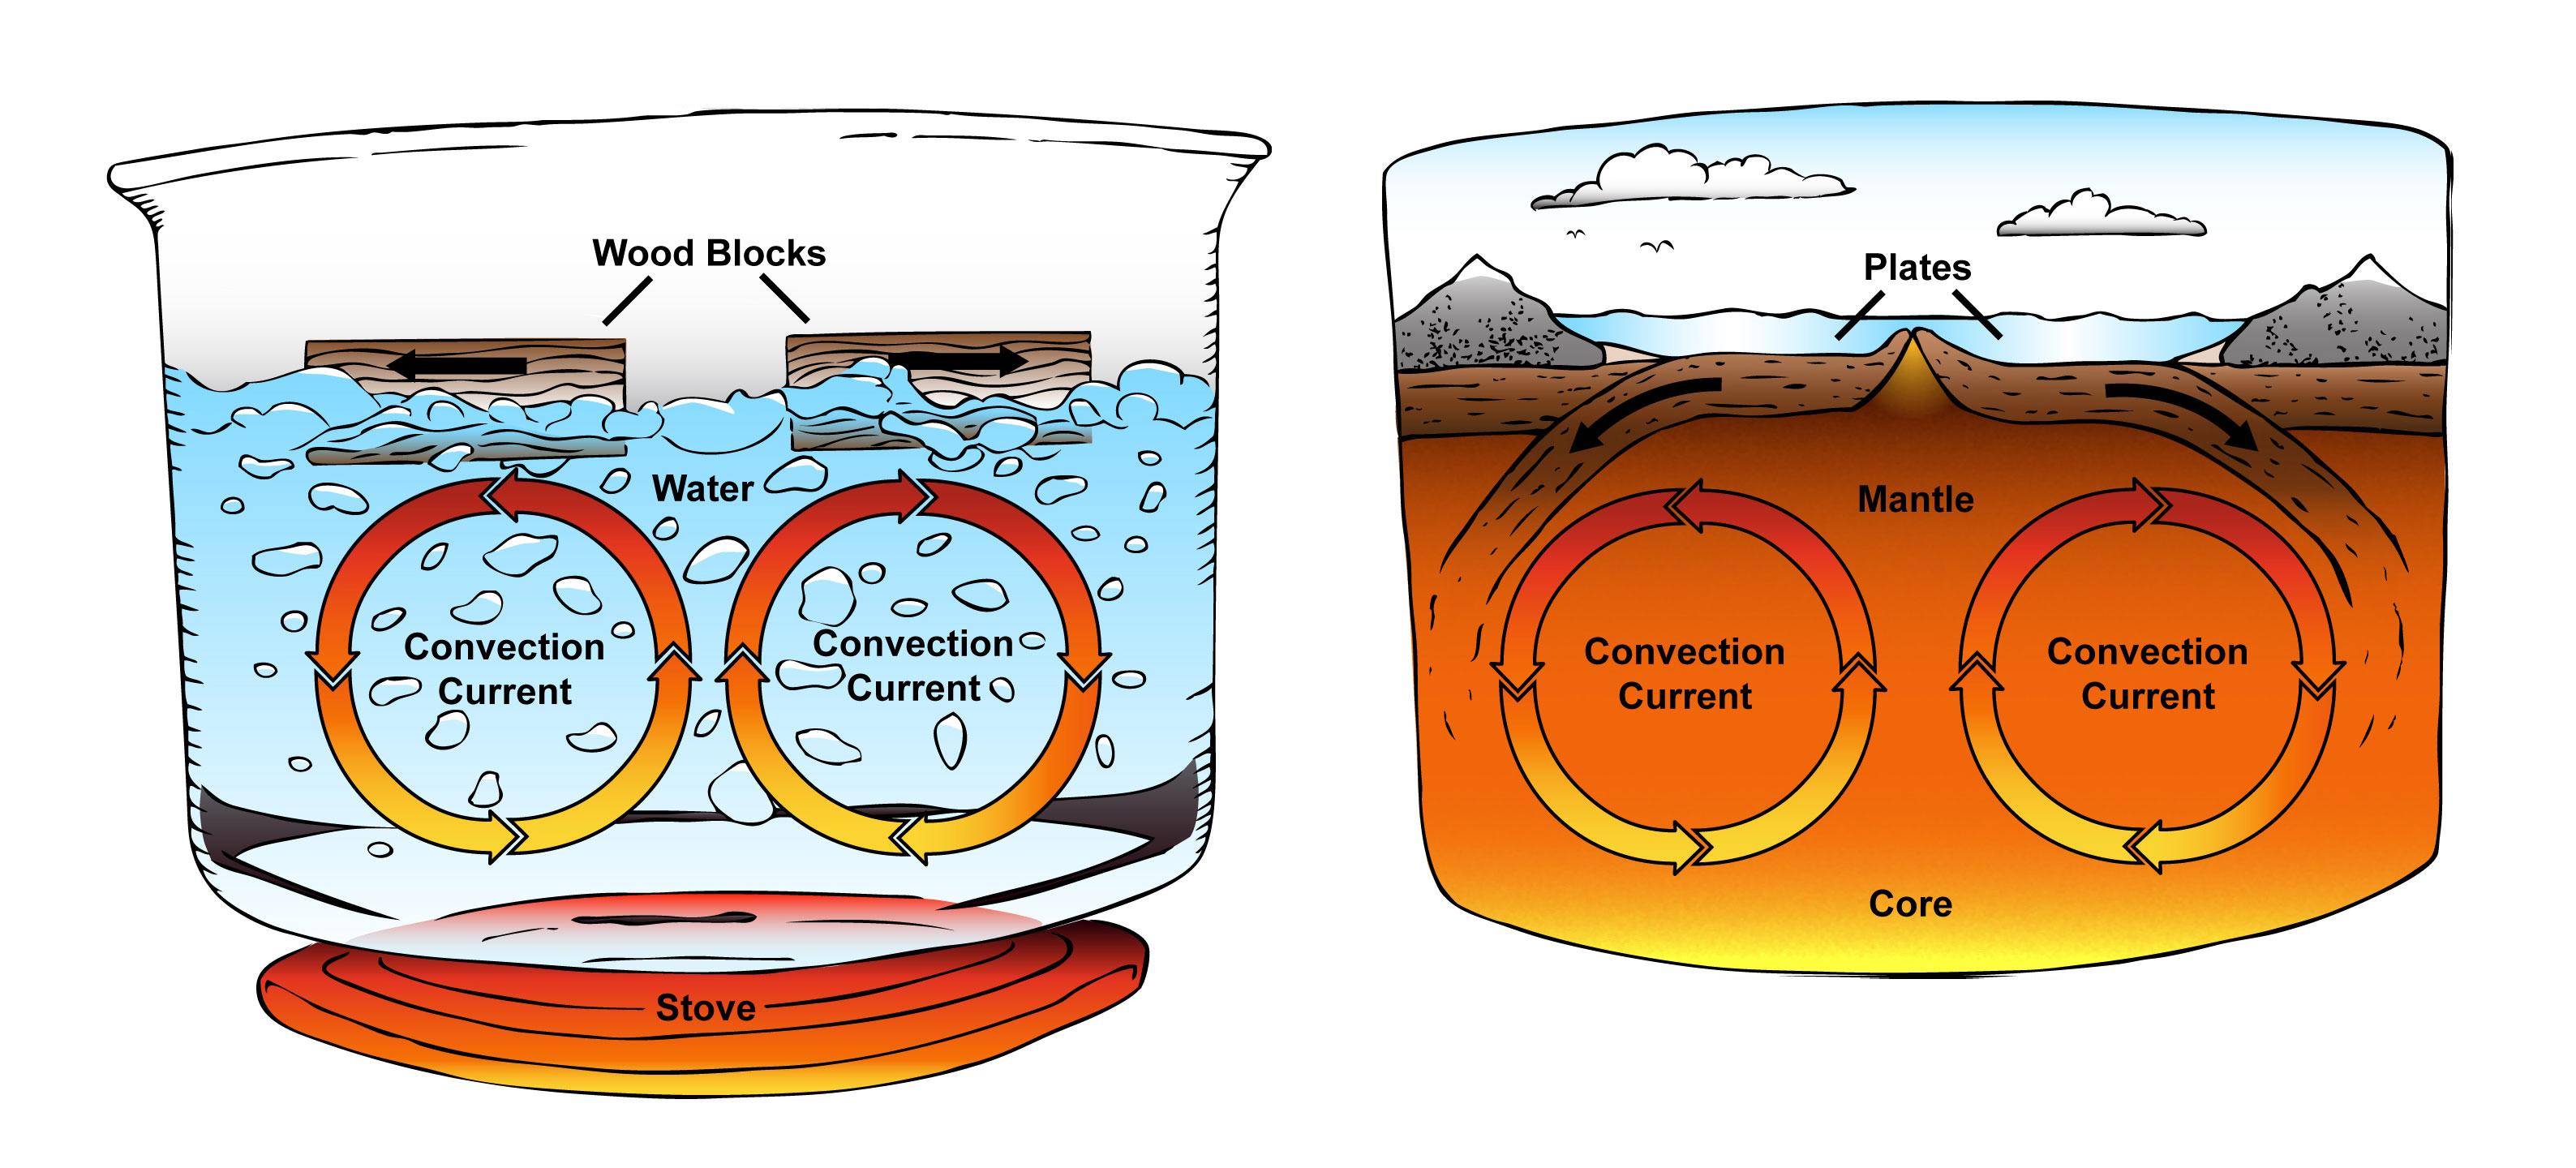 Convection Clipart.